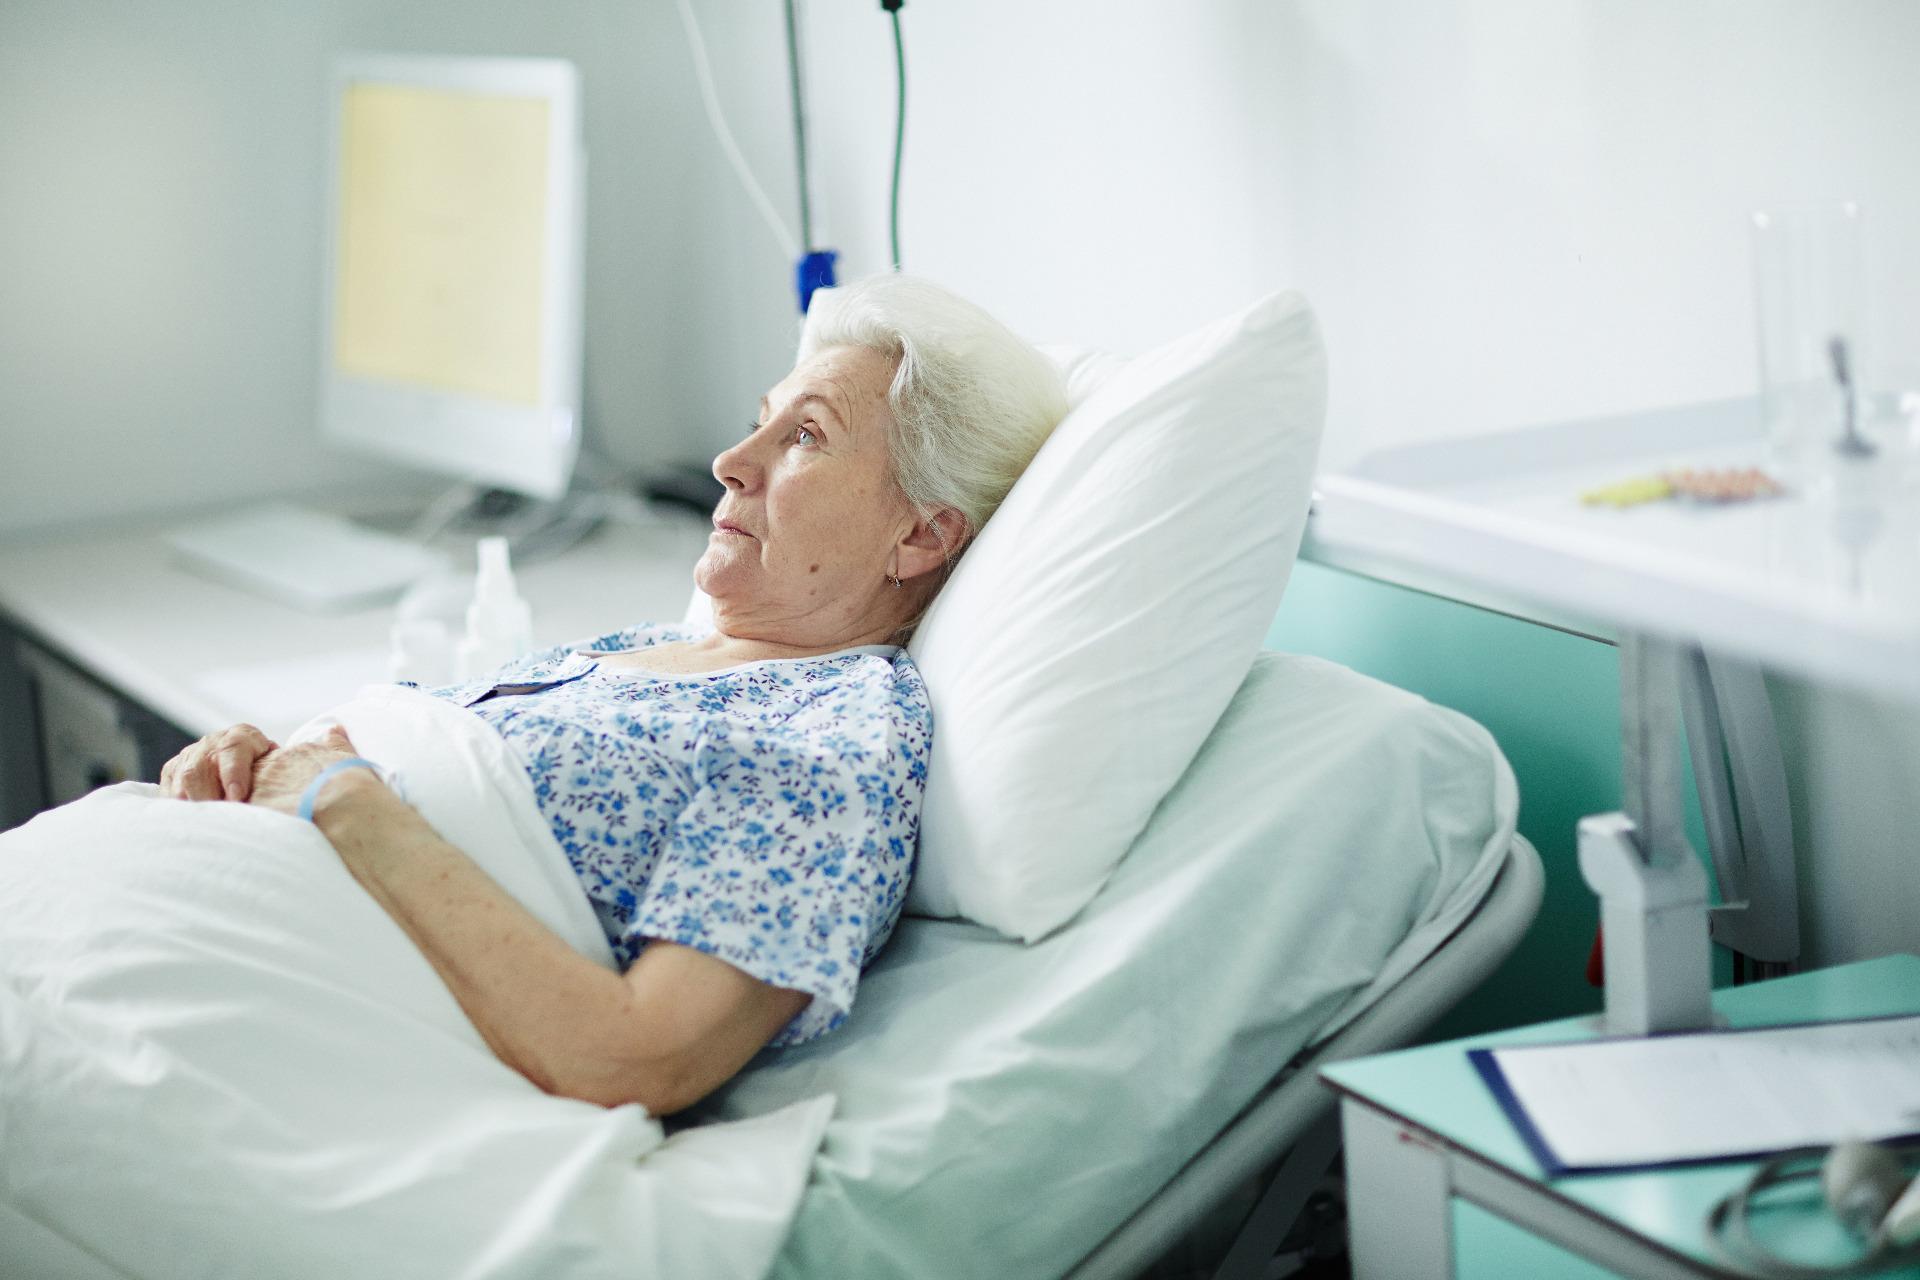 senior-female-in-hospital-pl7ju54.jpg